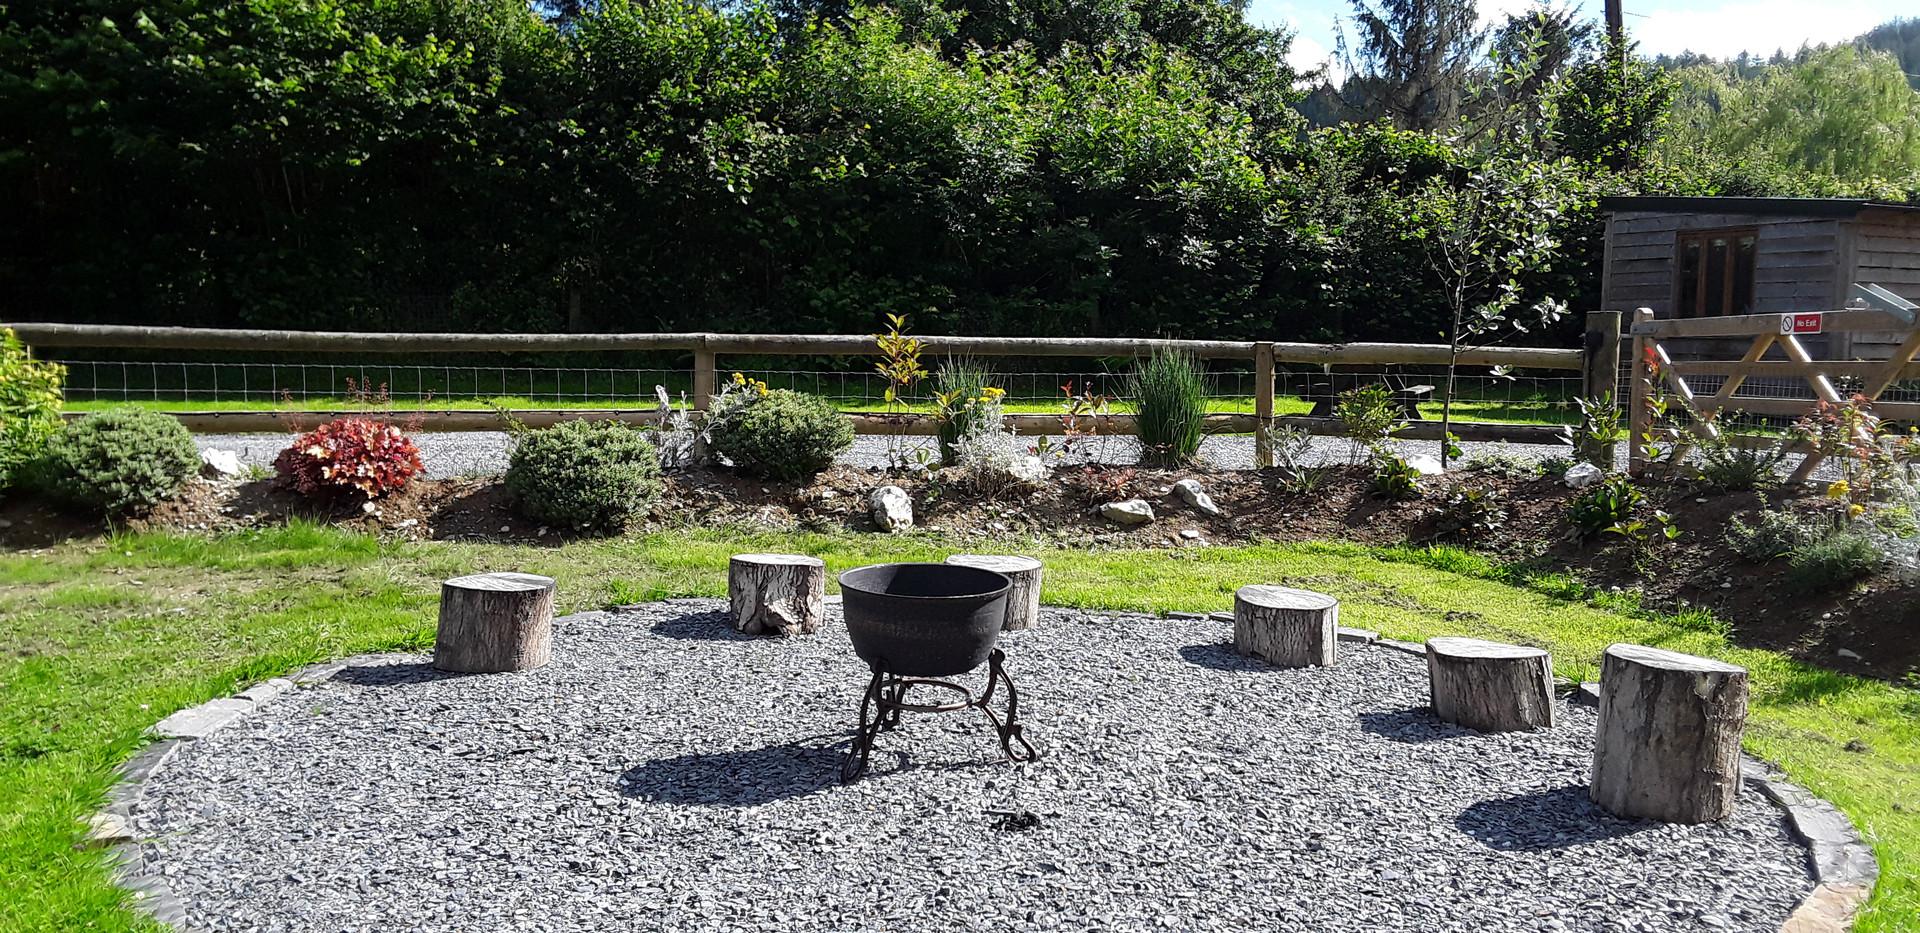 Campsite BBQ Area